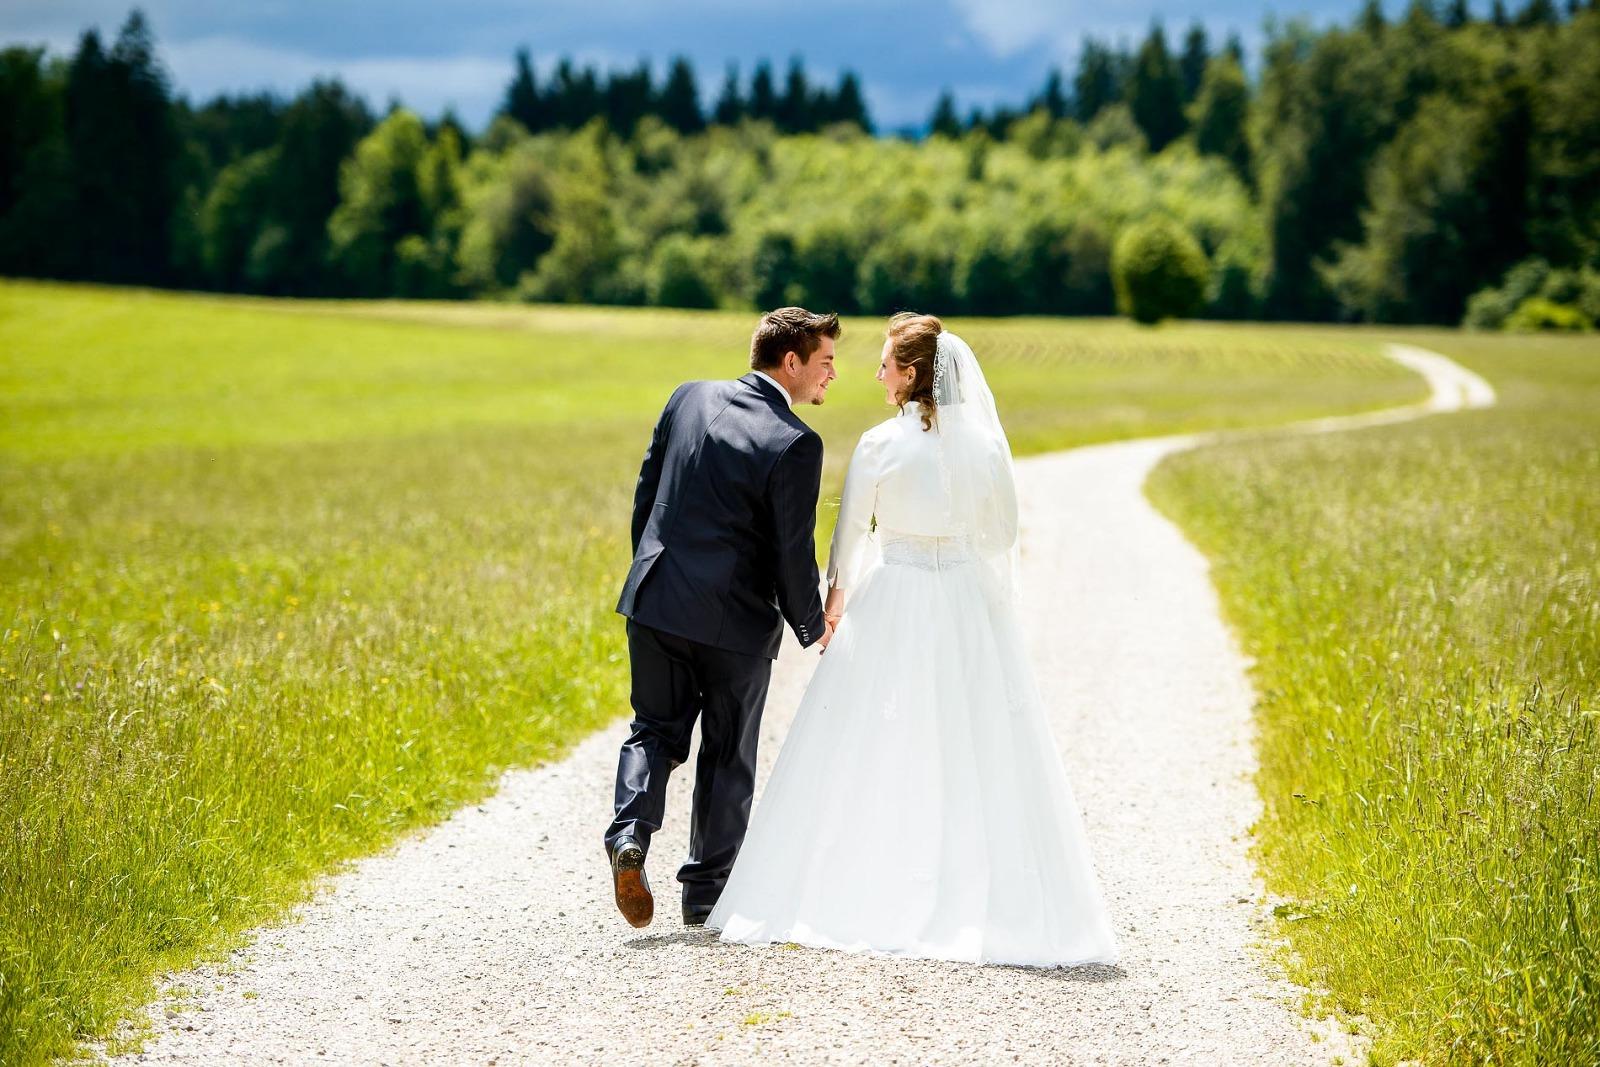 Hochzeitsfotograf Holzkirchen bei München, Brautpaarfoto auf dem Feldweg